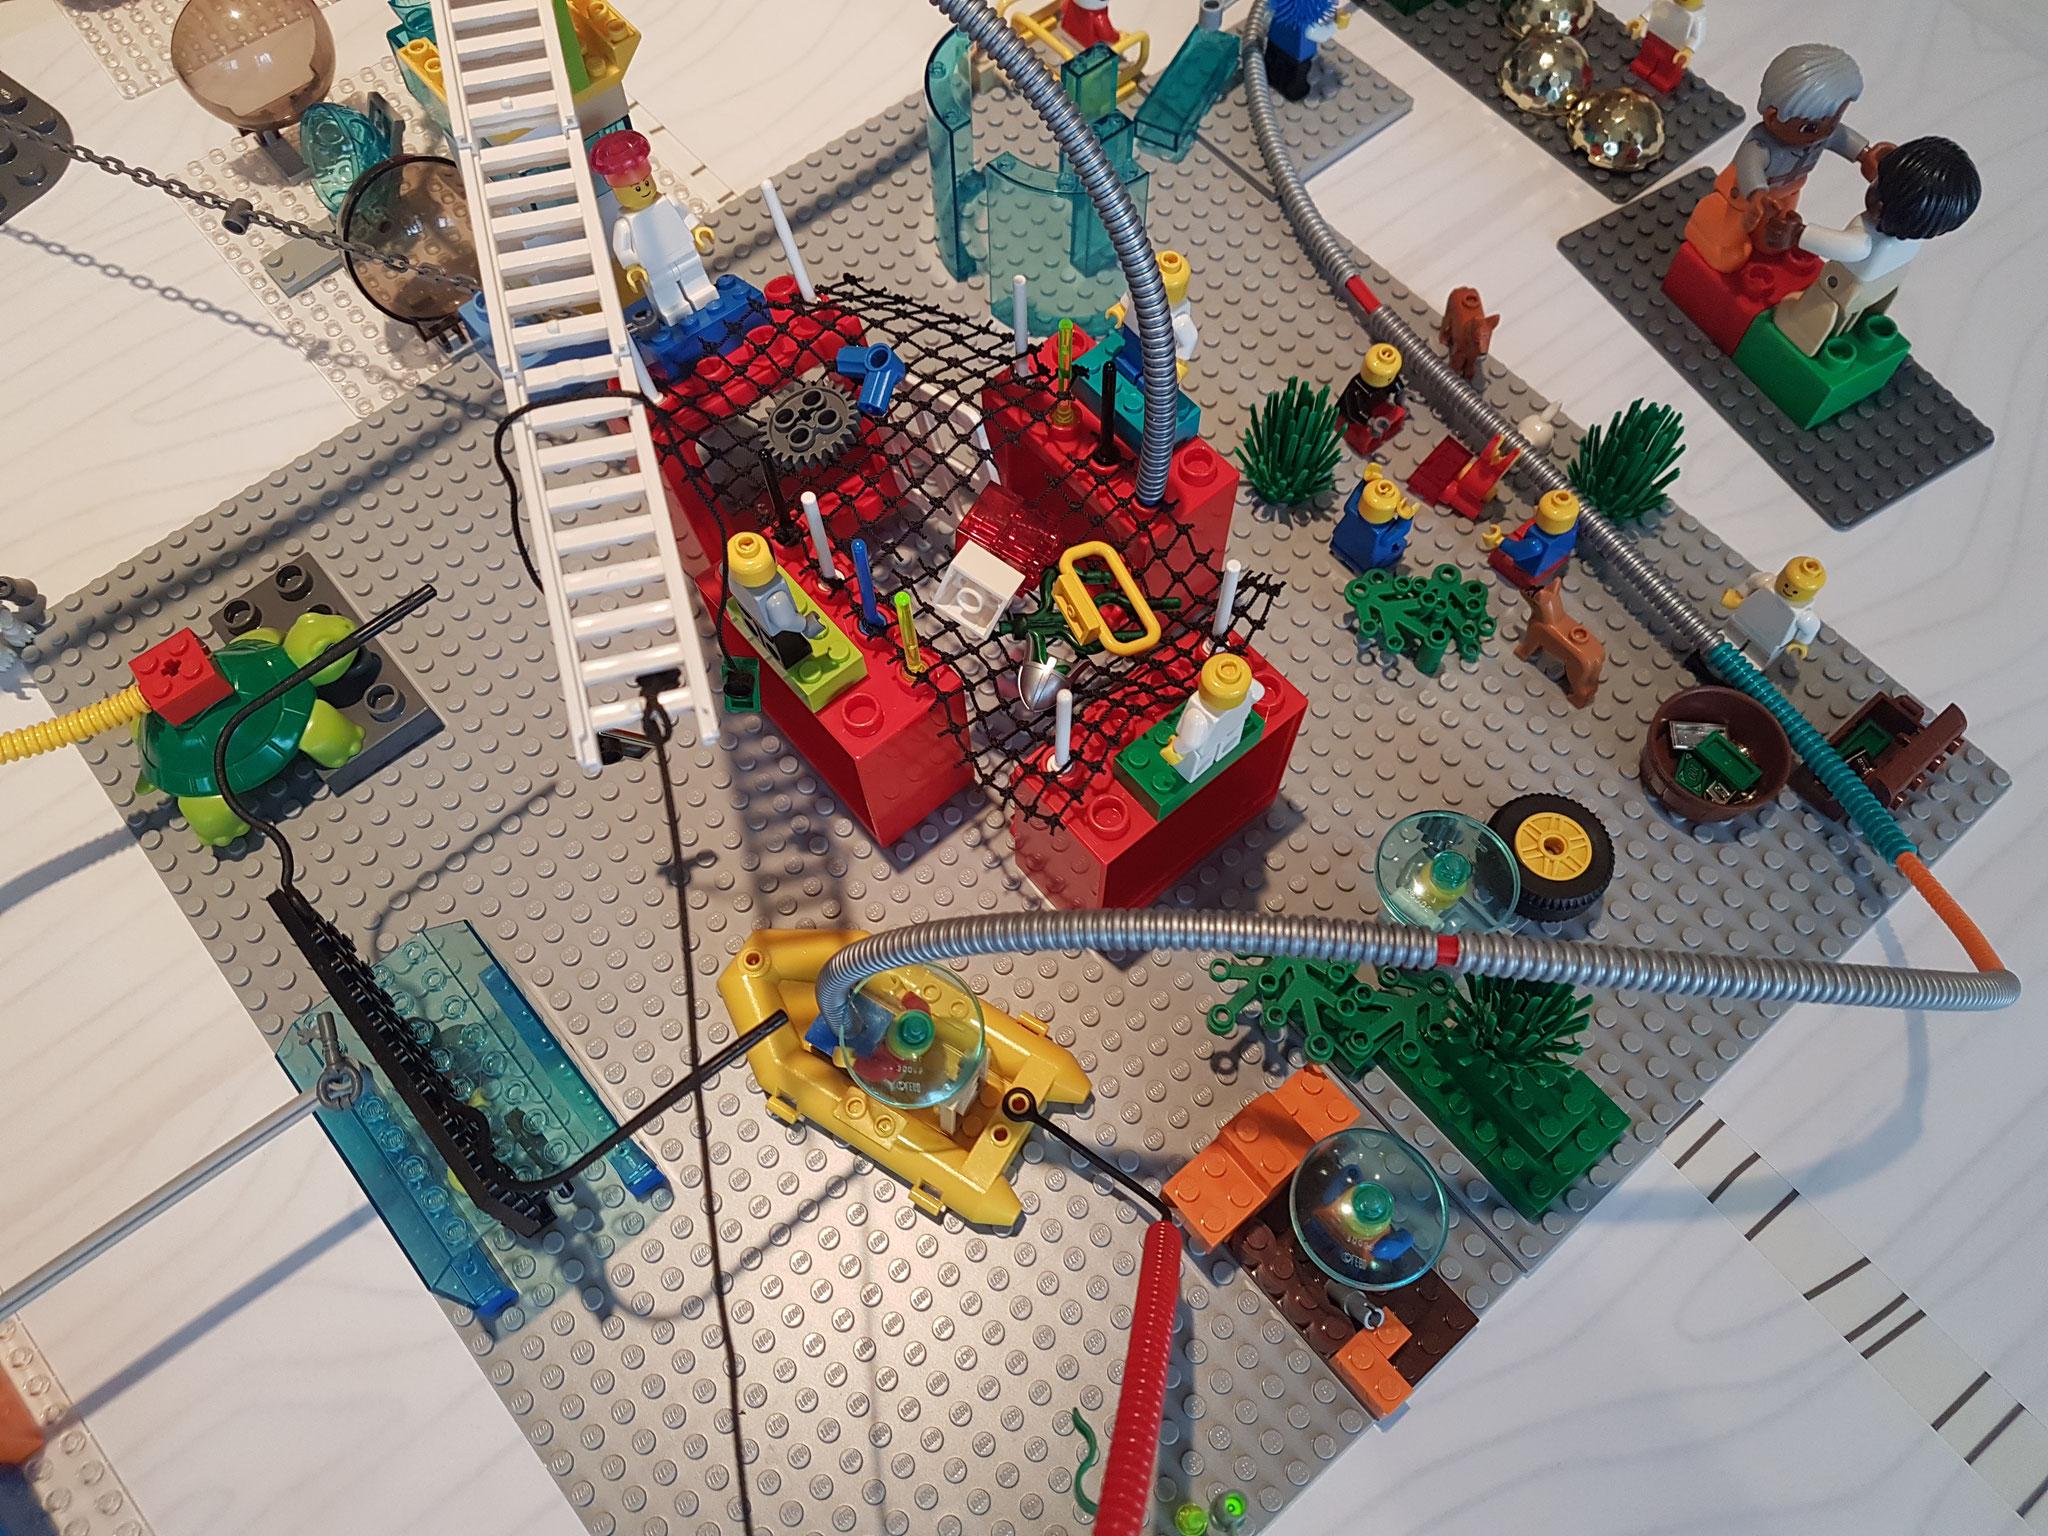 5) GEMEINSAME MODELLE bauen, Systeme verbinden